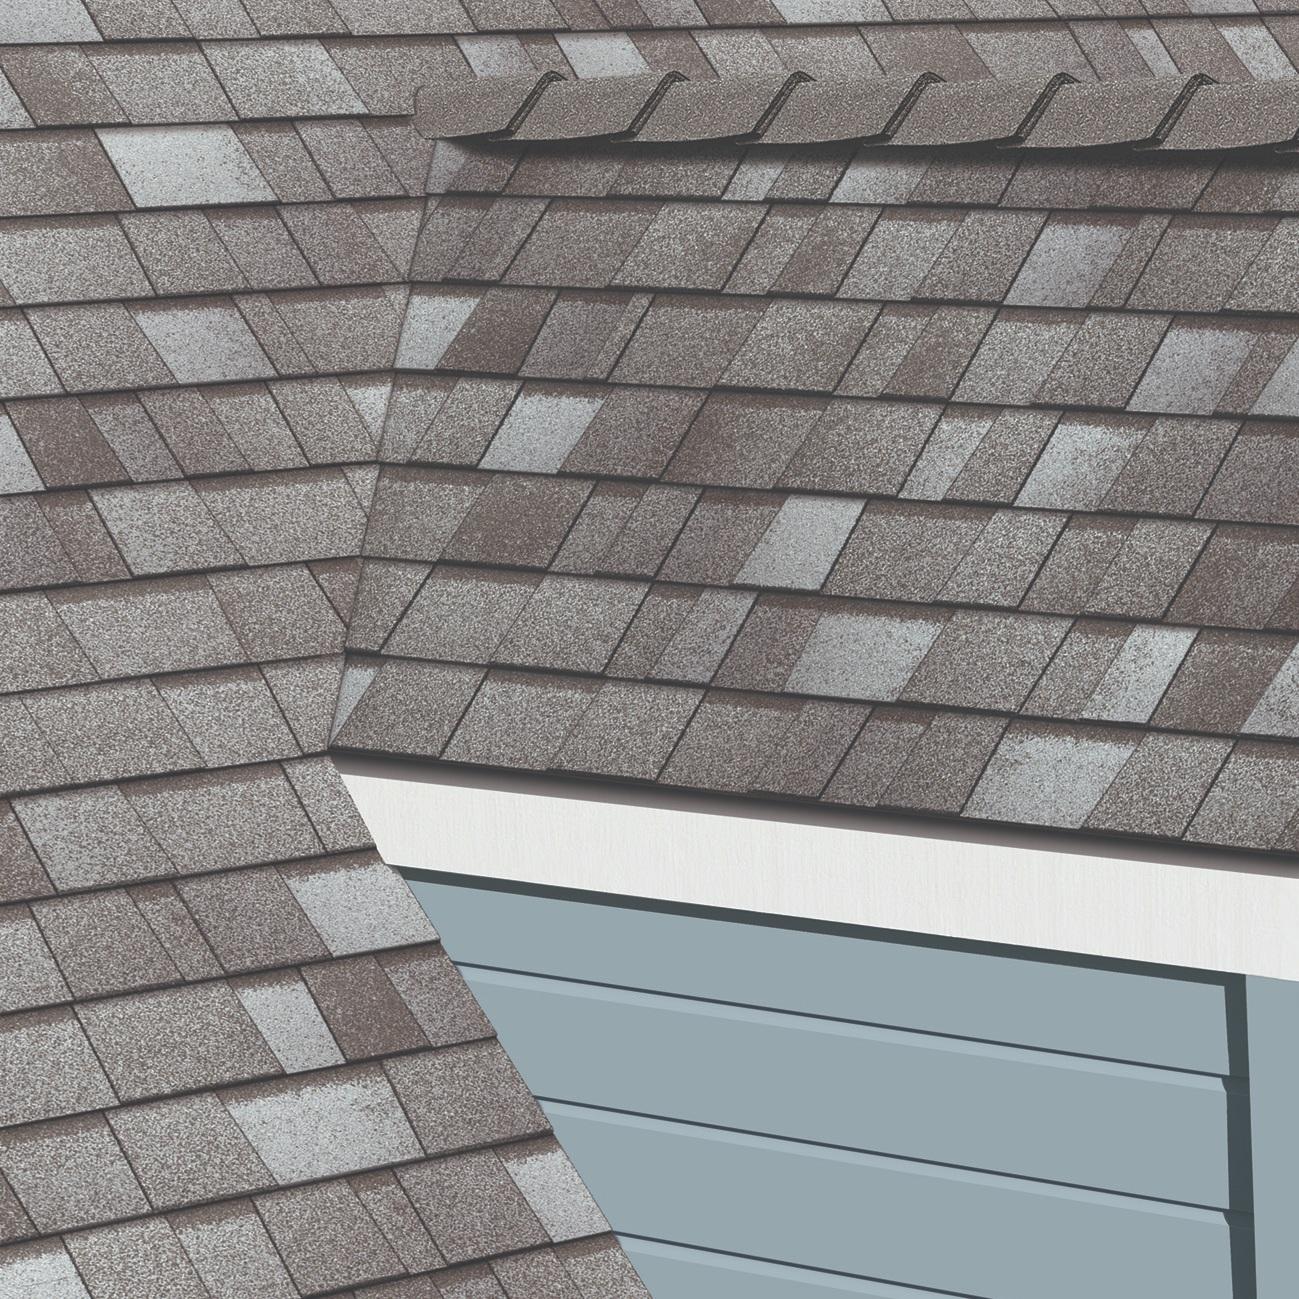 roofing_installation.jpg